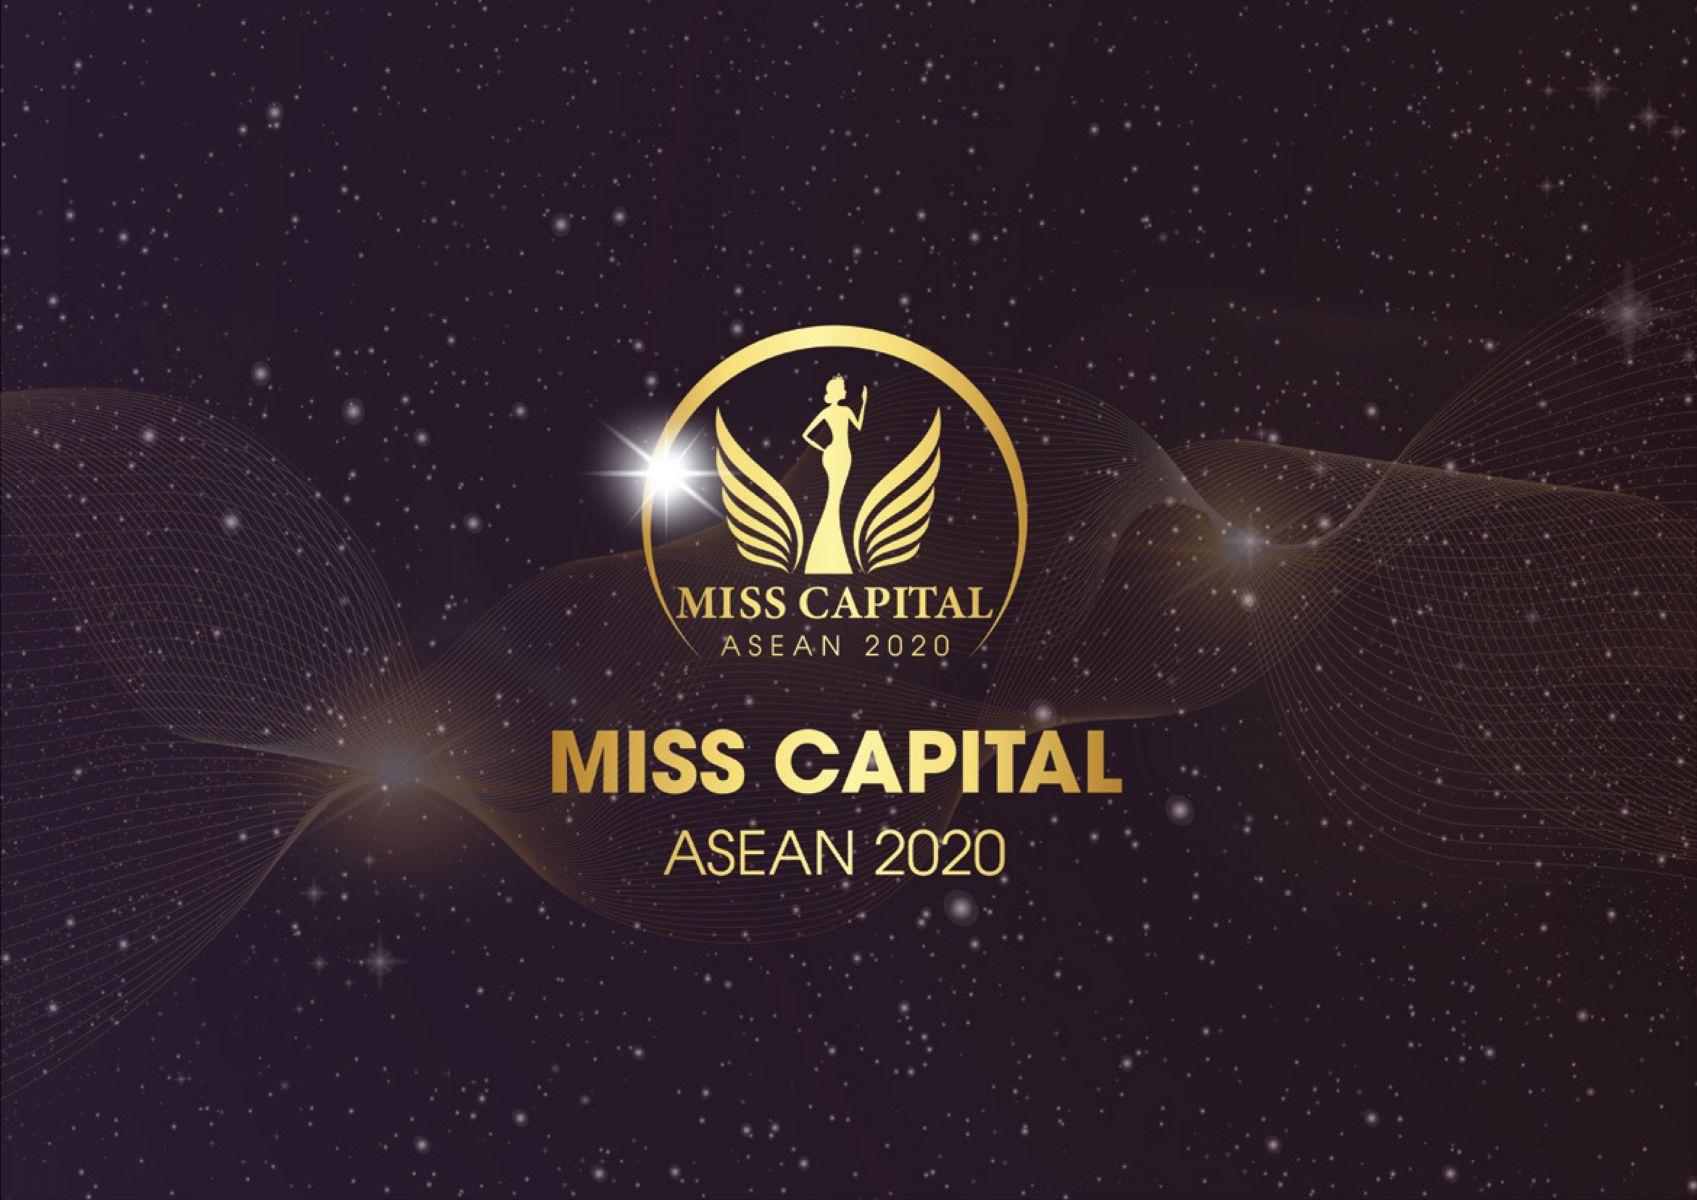 Dự án MISS CAPITAL ASEAN 2020 (Hoa hậu kinh đô Asean 2020)